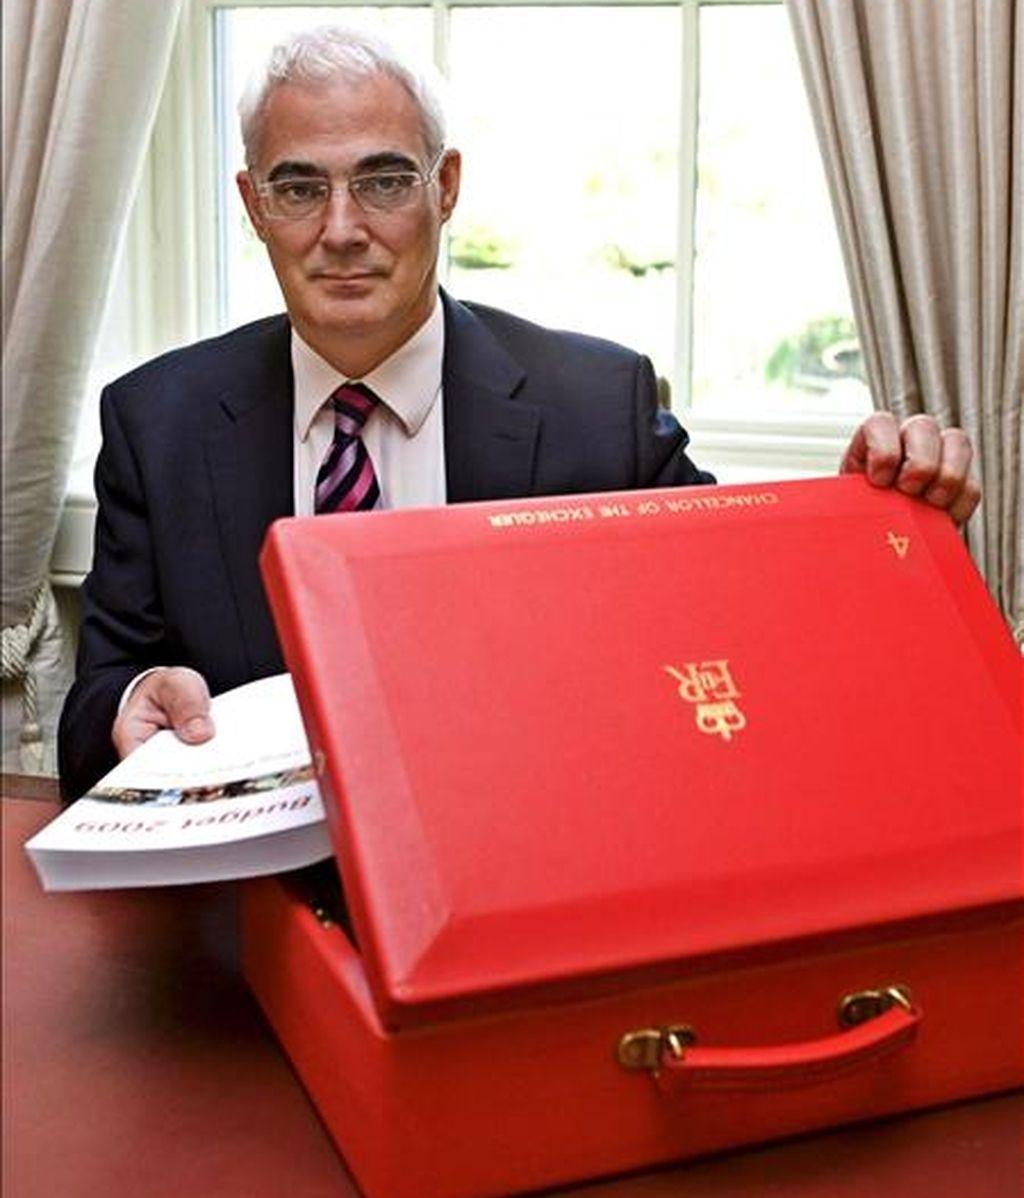 El ministro británico de Economía, Alistair Darling, introduce en su cartera el ejemplar con los presupuestos del Estado, en su oficina en el número 11 de Downing Street, Londres (Reino Unido). EFE/Archivo